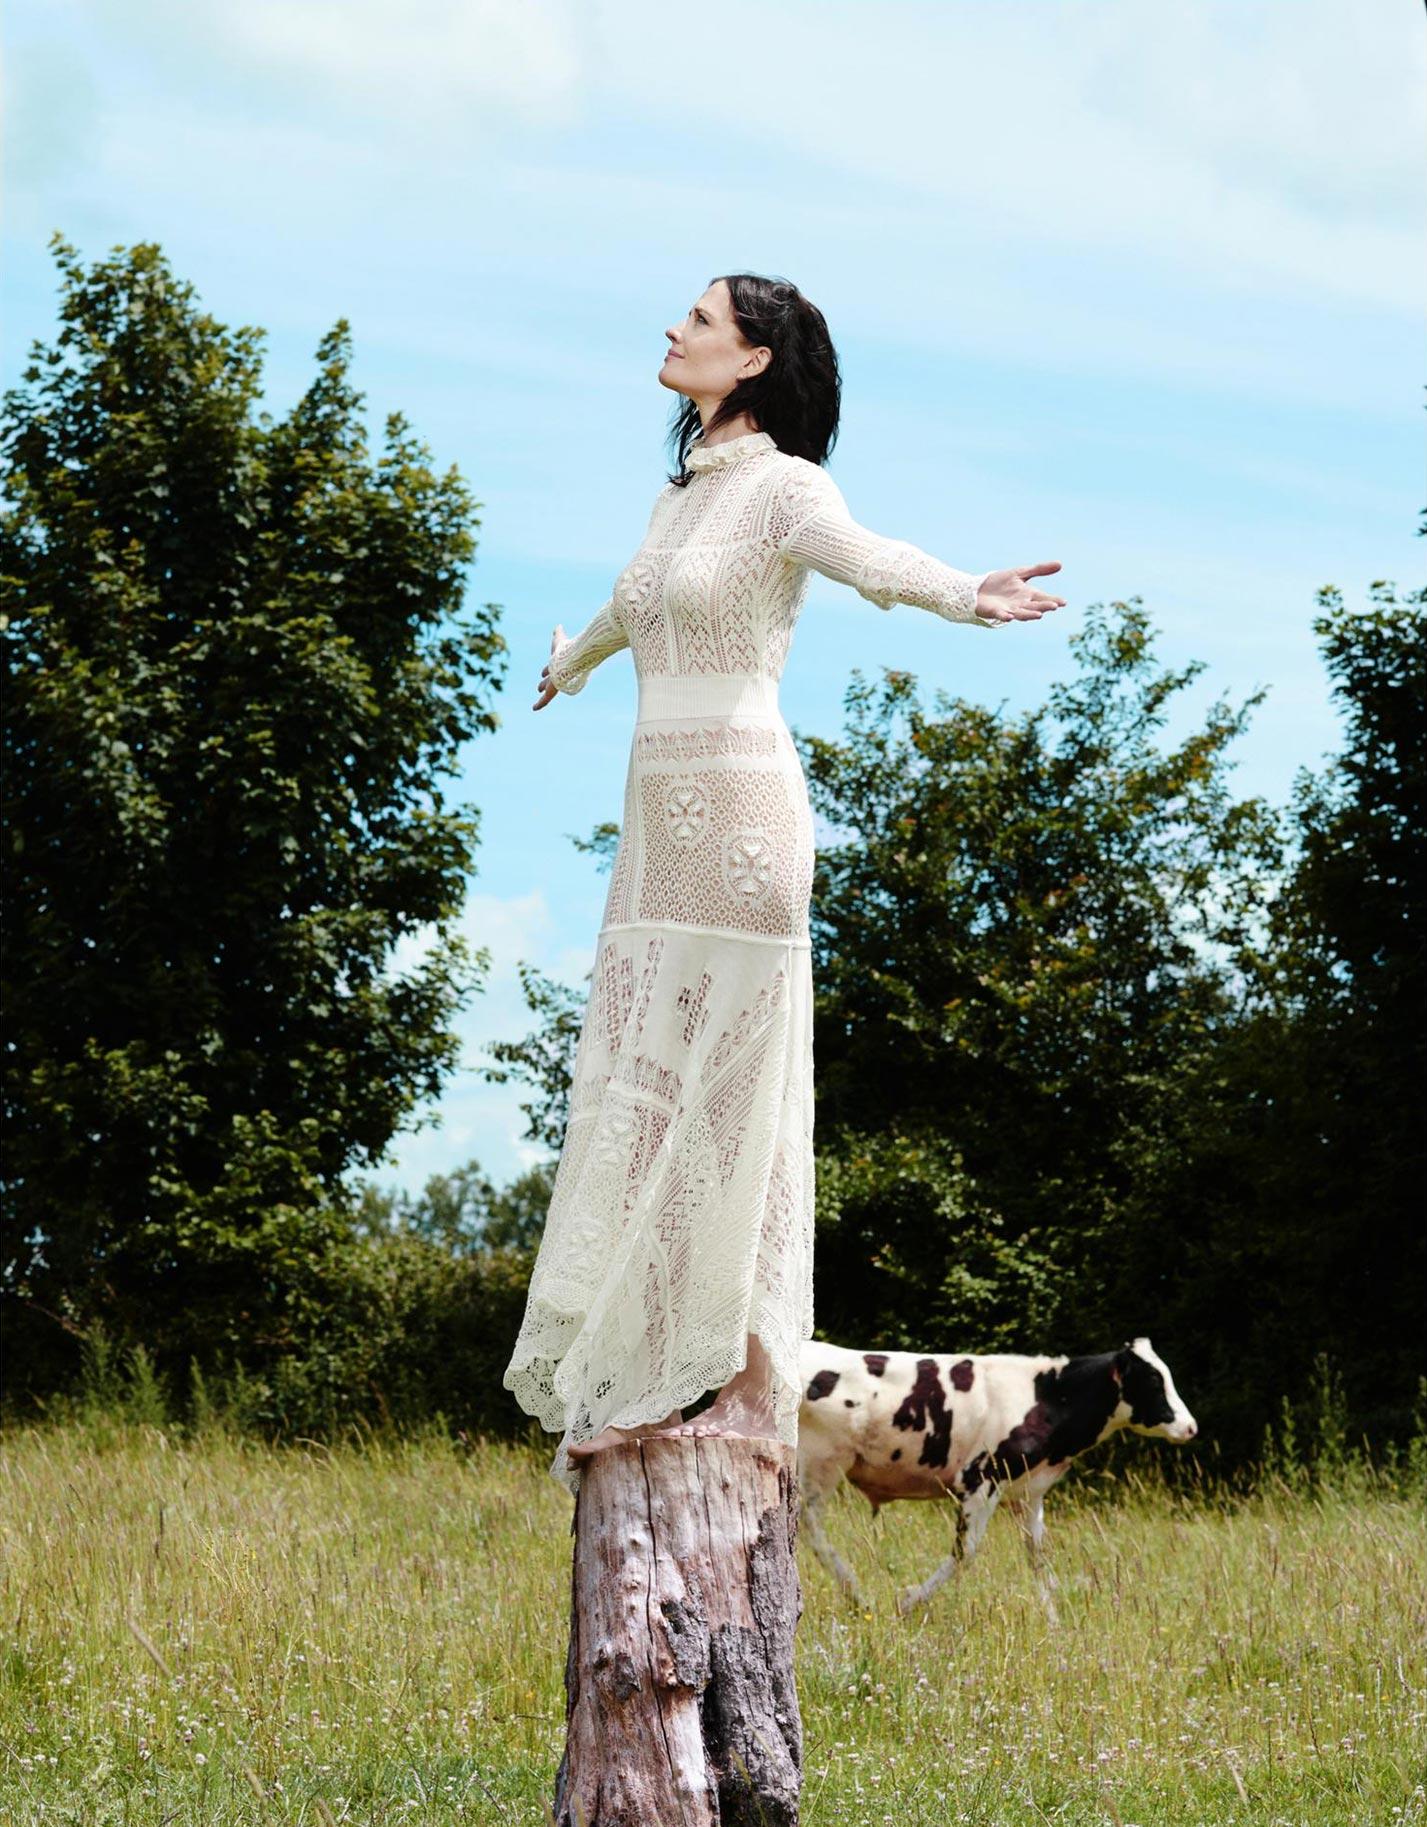 Ева Грин на природе / фото 07